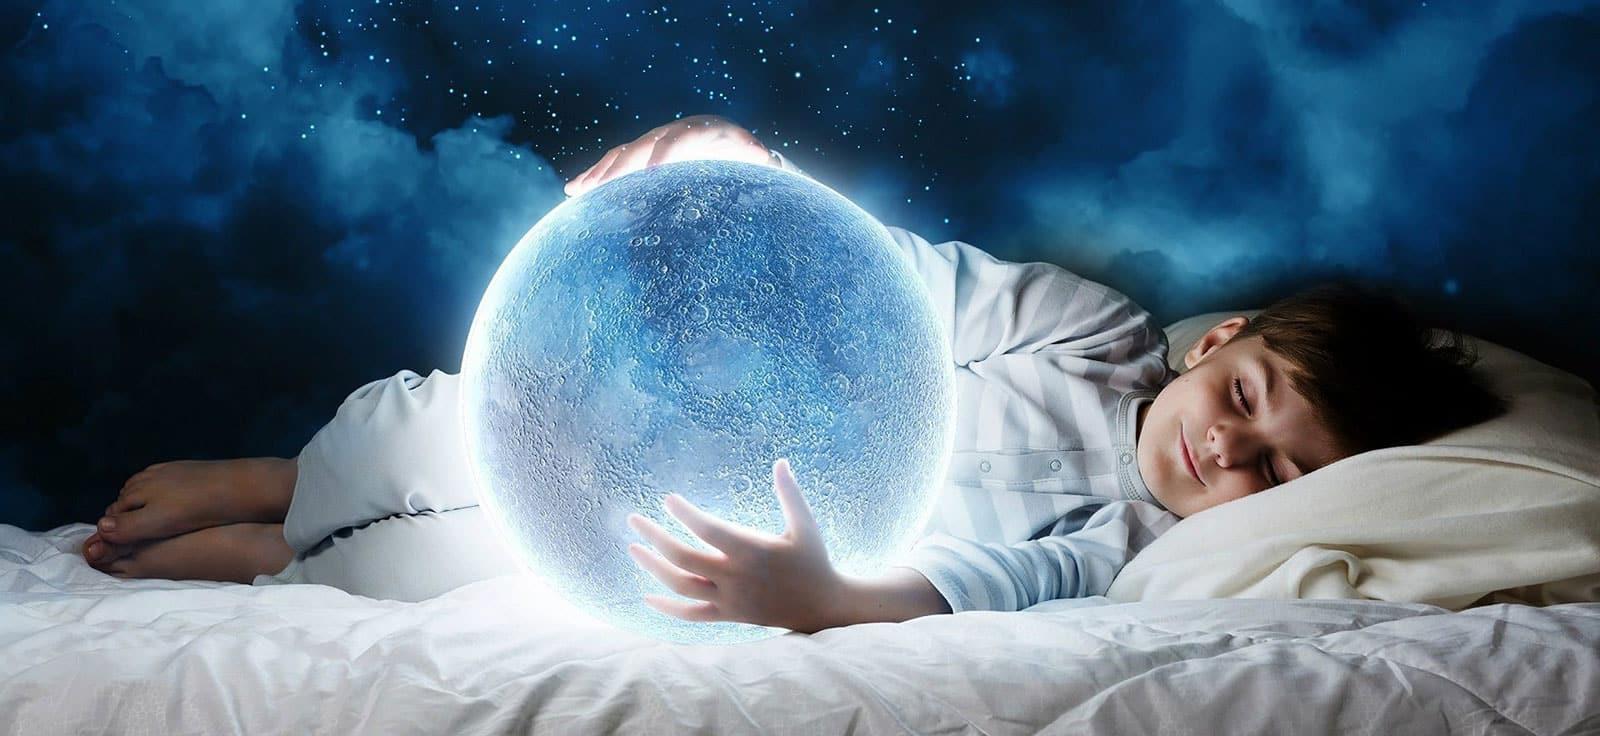 تصویر از فواید خوابیدن به پهلو برای مغز